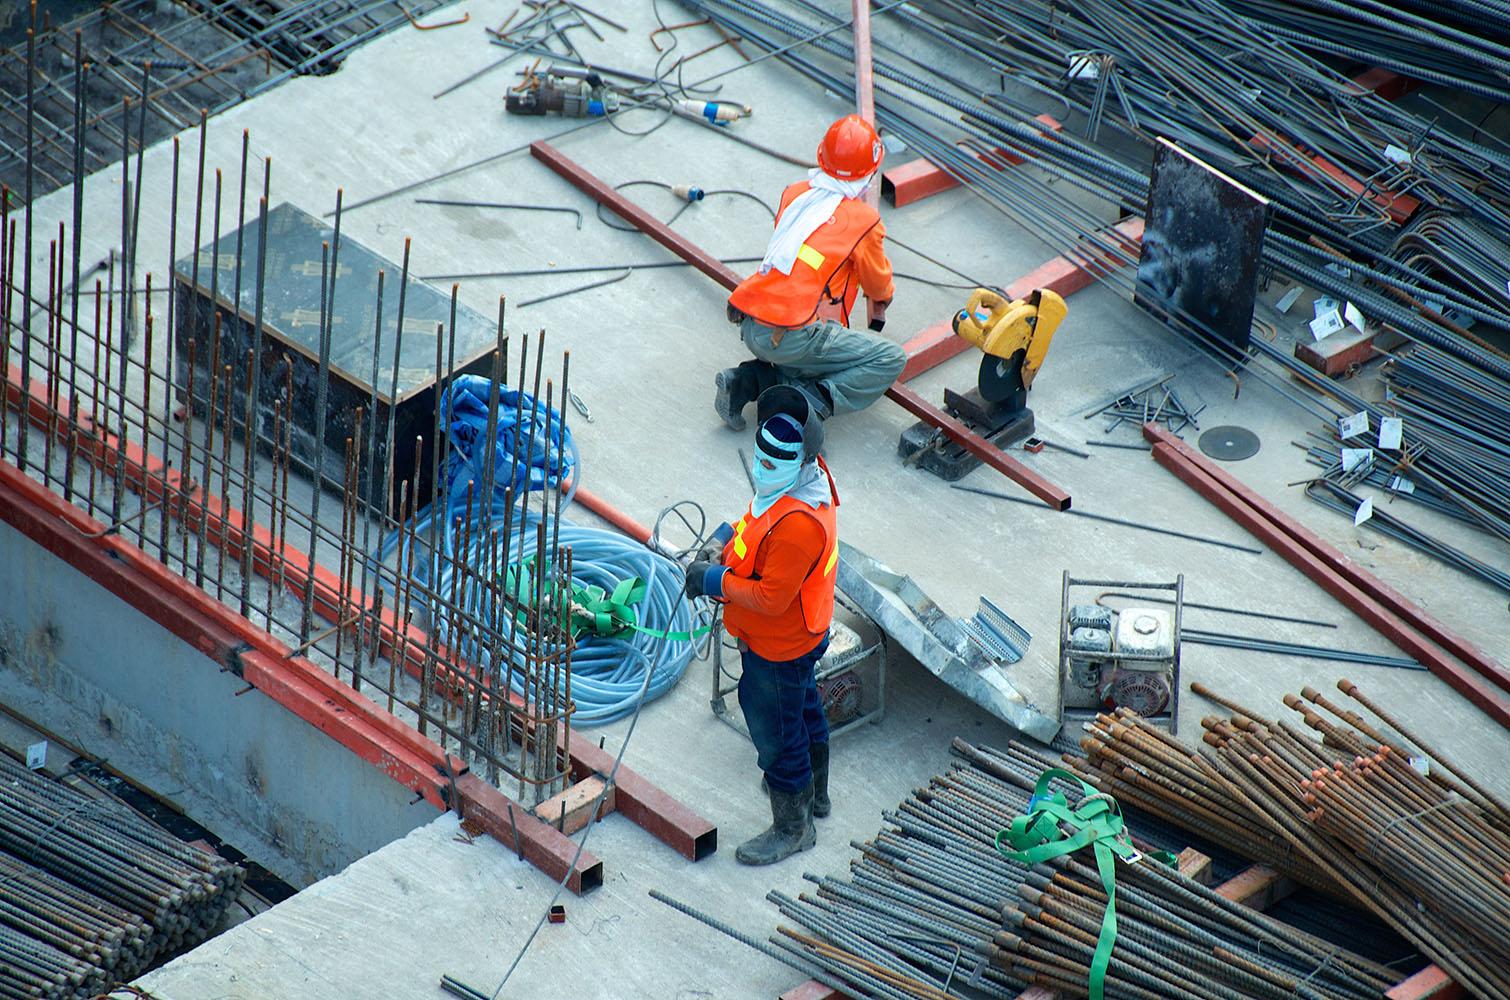 Corrupción en construcciones de vivienda dificulta pagar su costo final